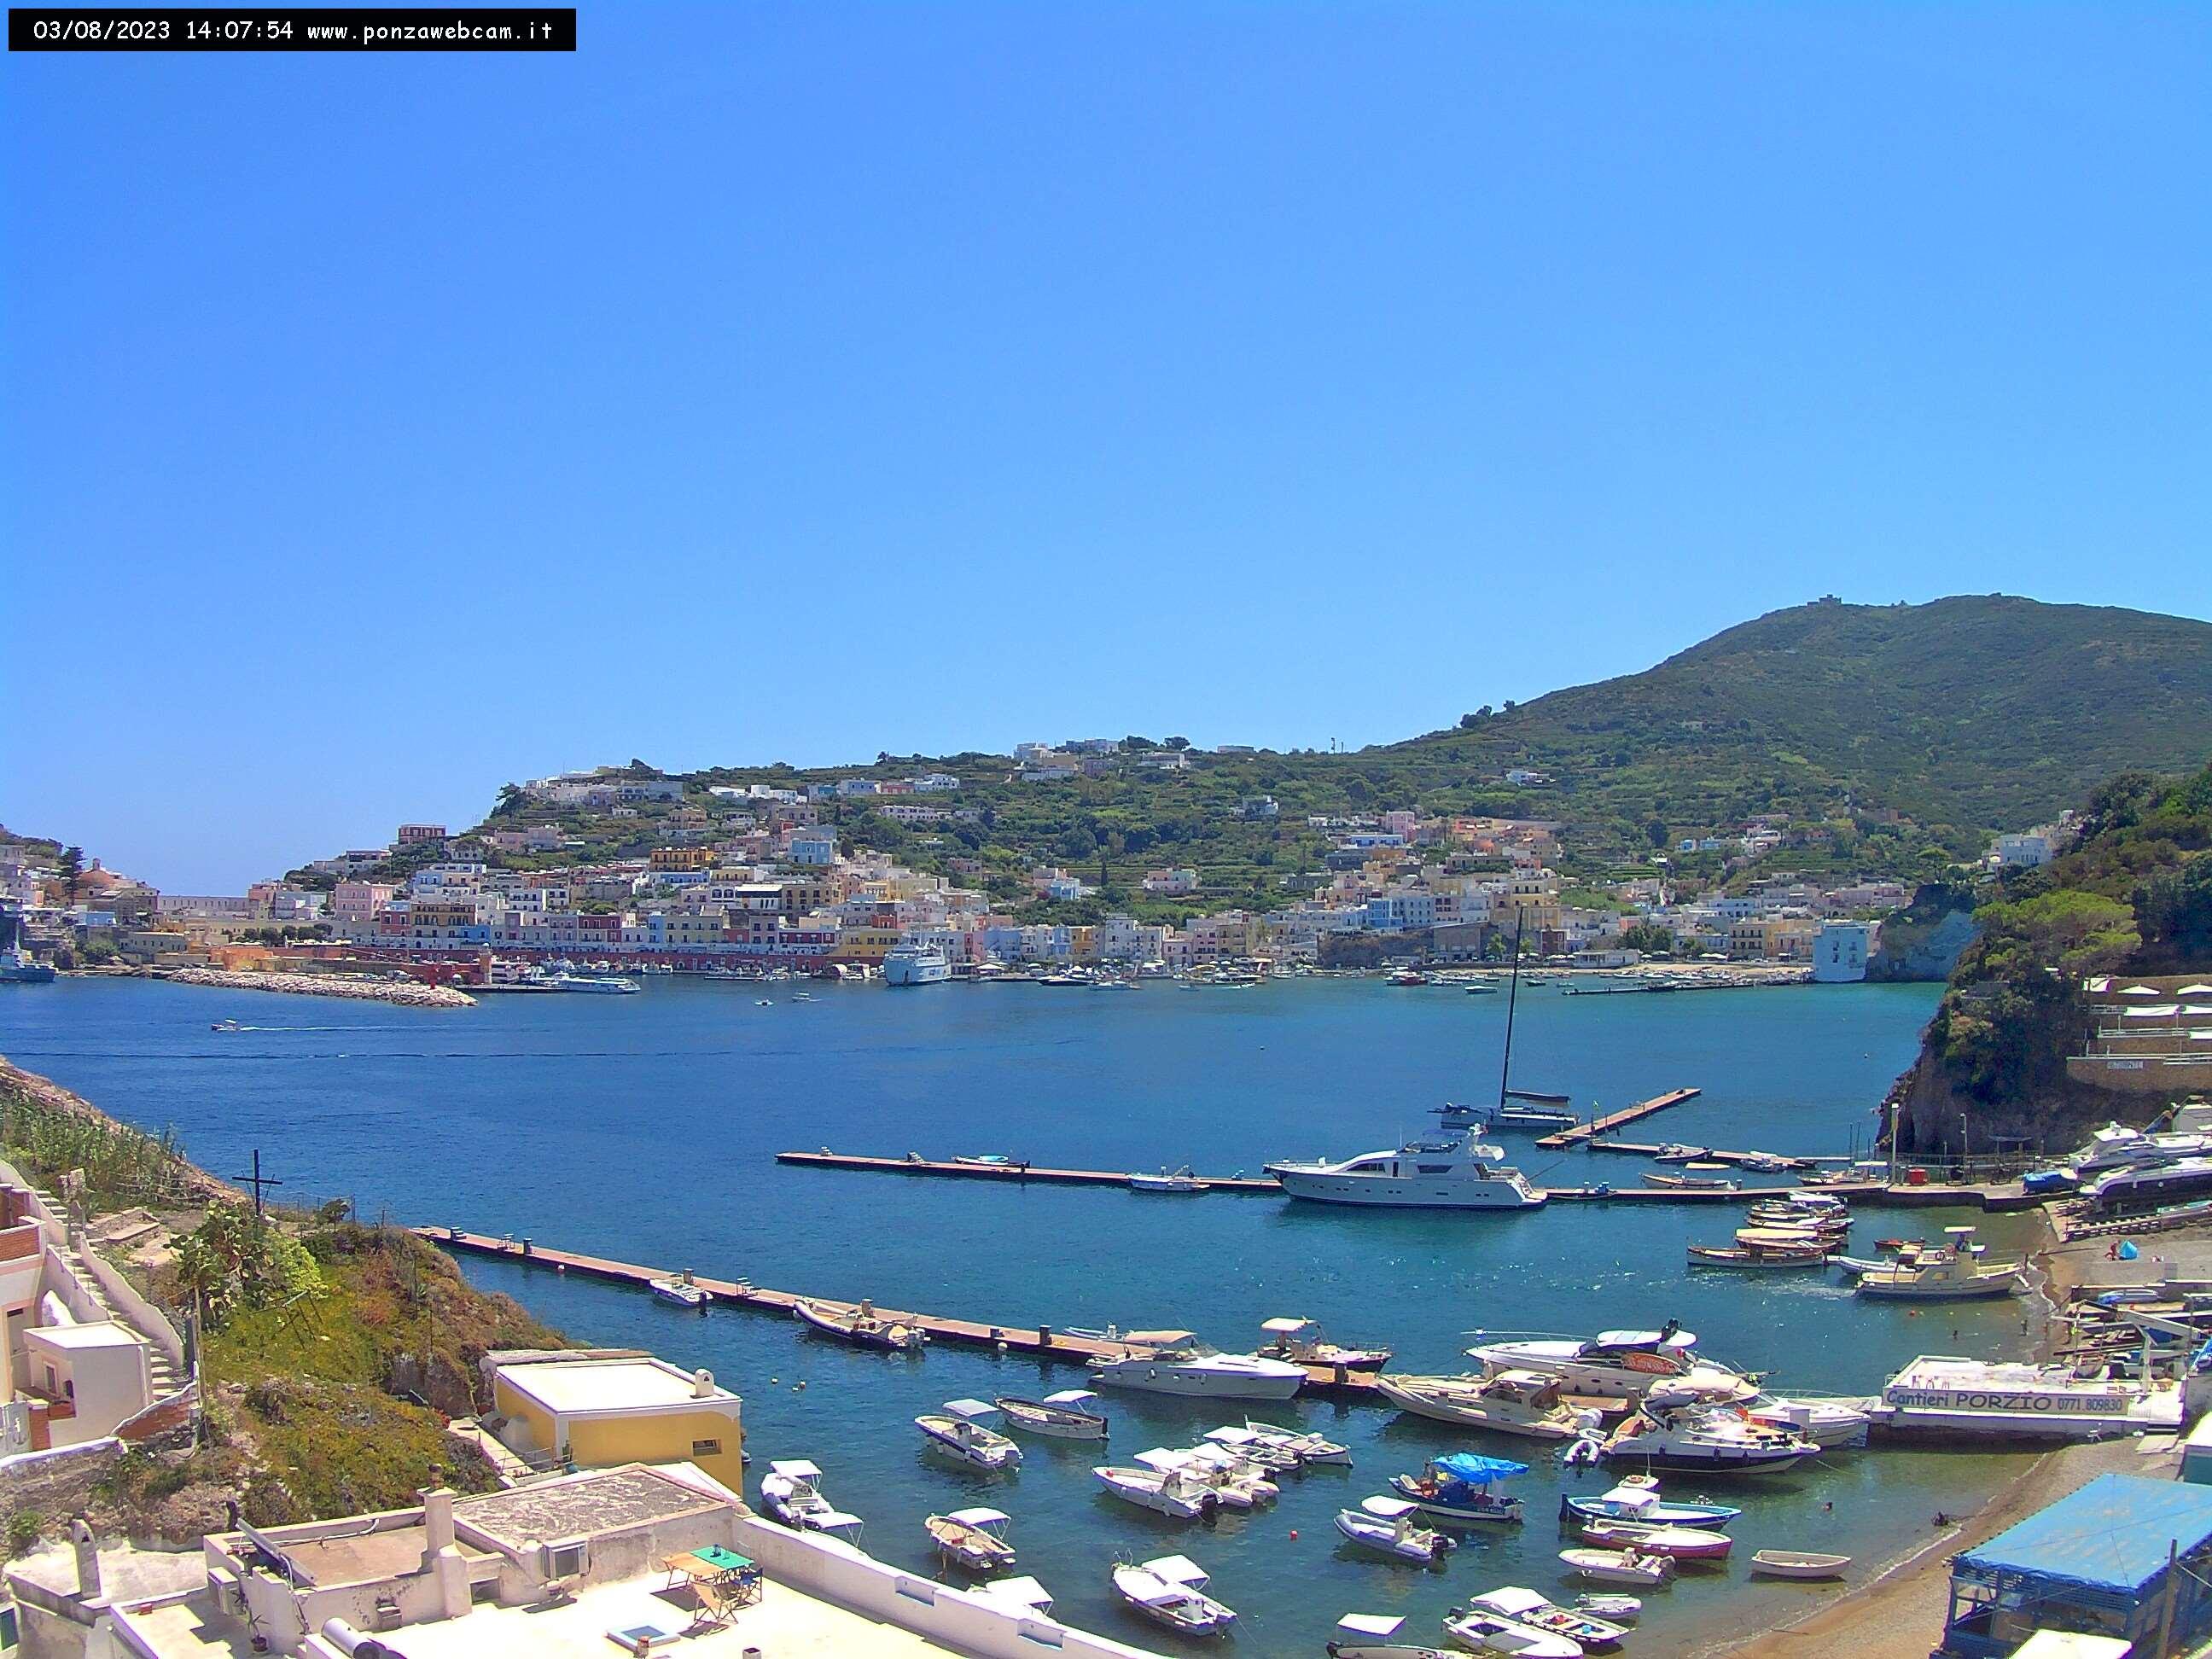 Webcam Ponza, Santa Maria - Ponza Webcam